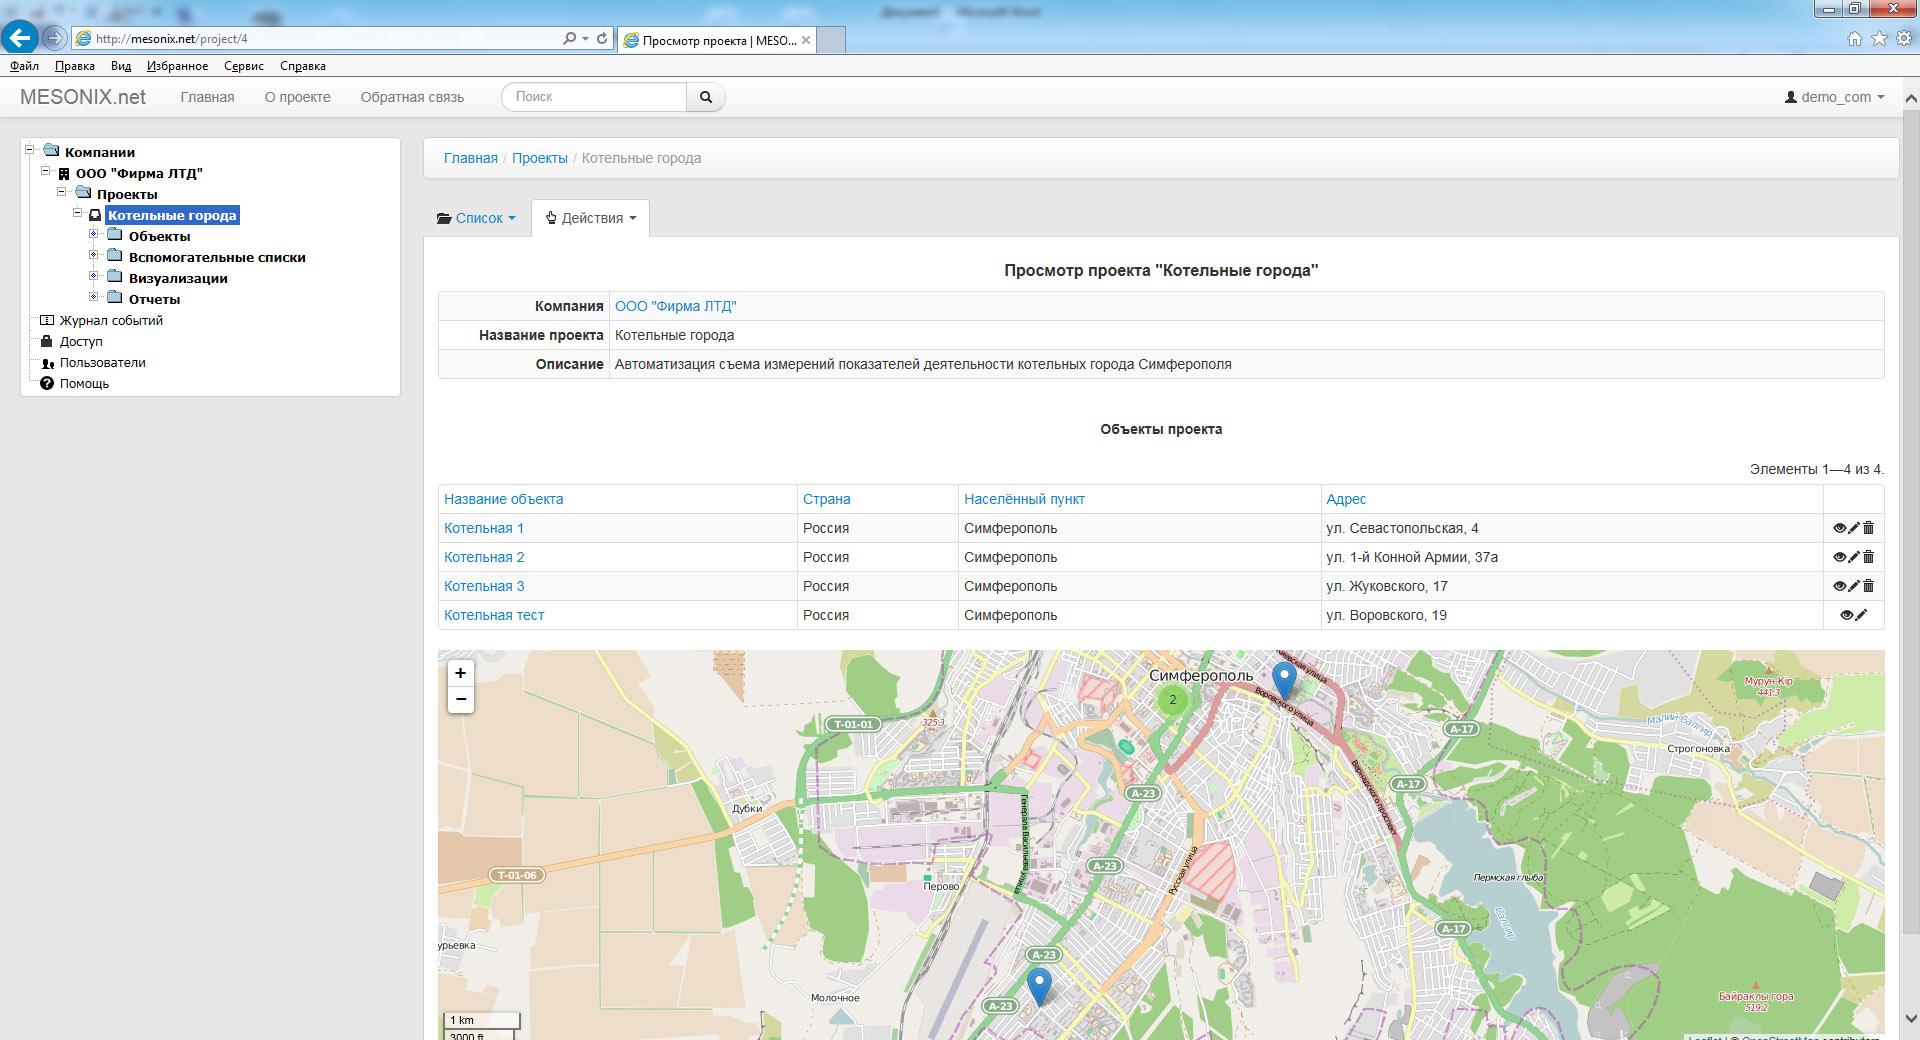 Раздел, содержащий информацию и местоположении каждого из обслуживаемых объектов